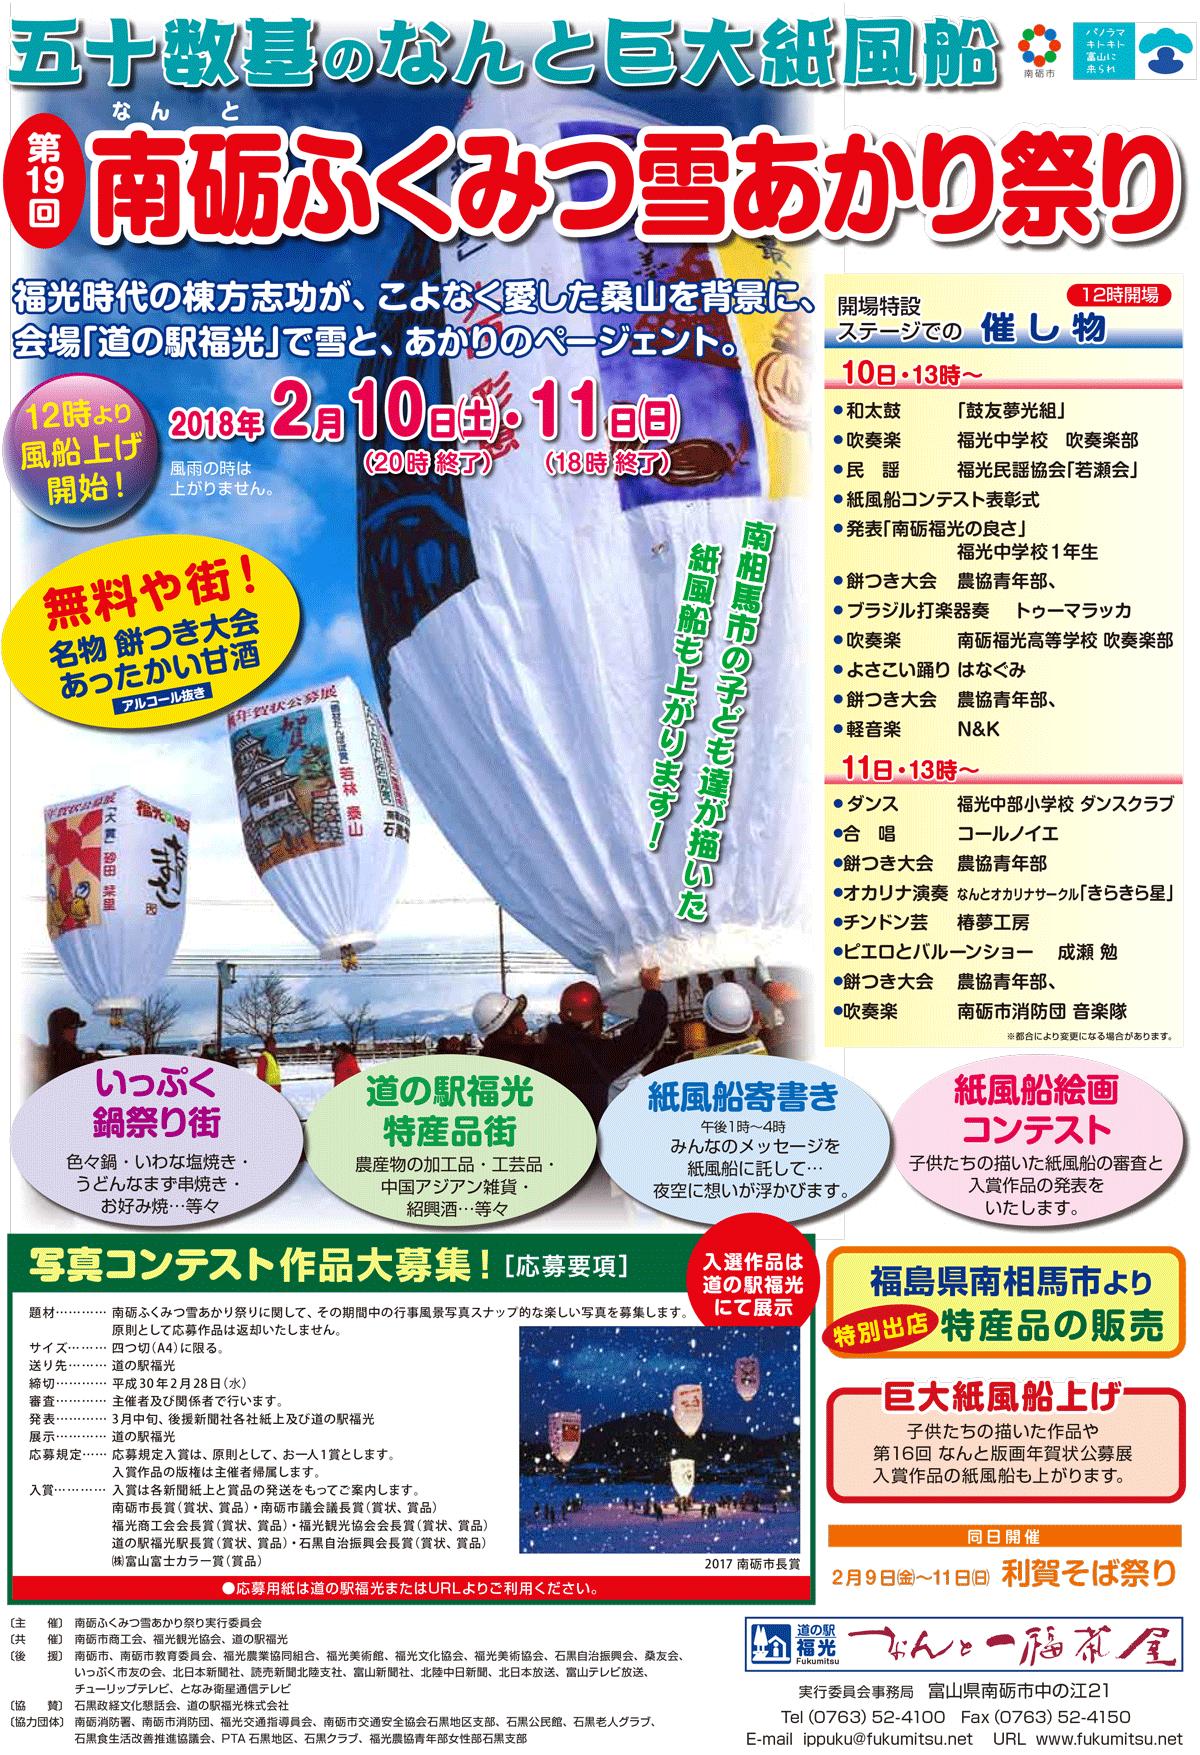 「南砺ふくみつ雪あかり祭り2018」圧巻!巨大紙風船が空を舞う。